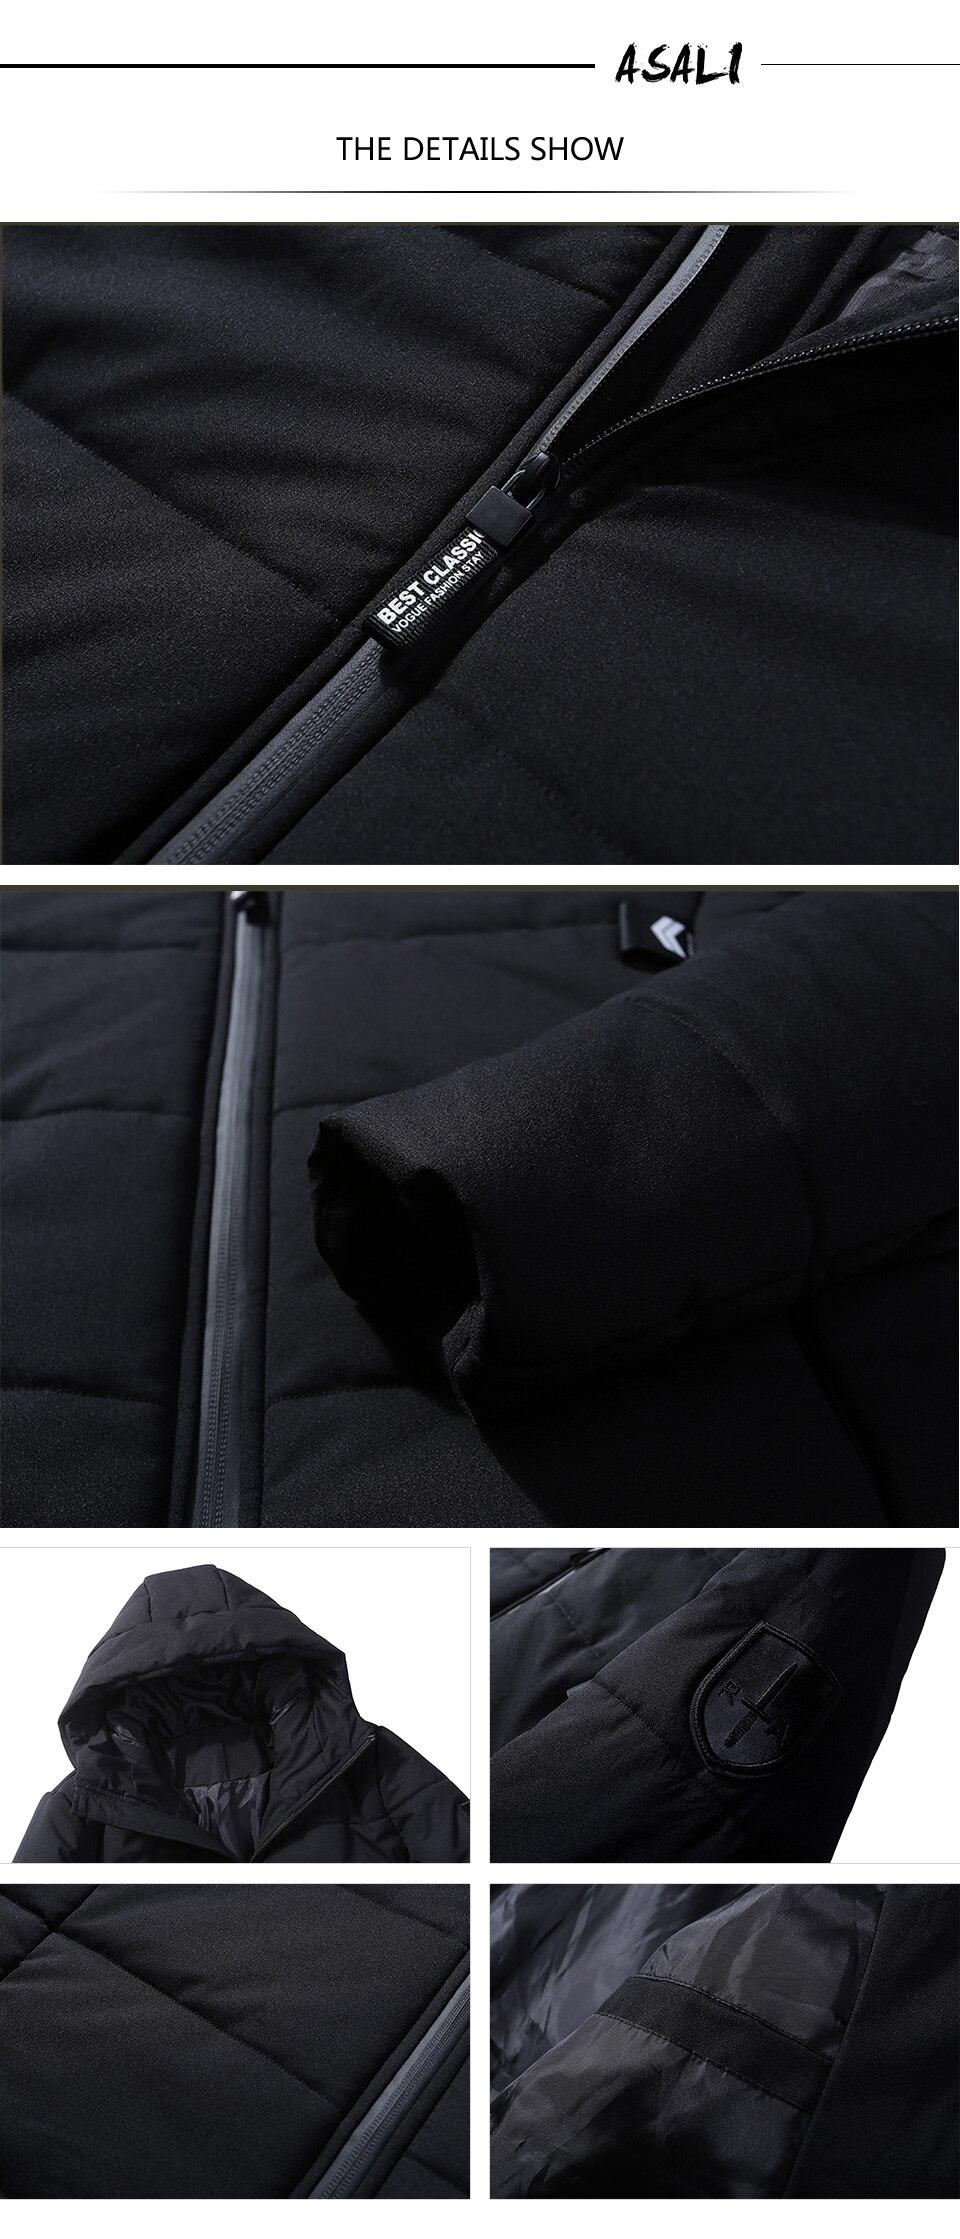 معطف للرجال سميك ودافئ 4